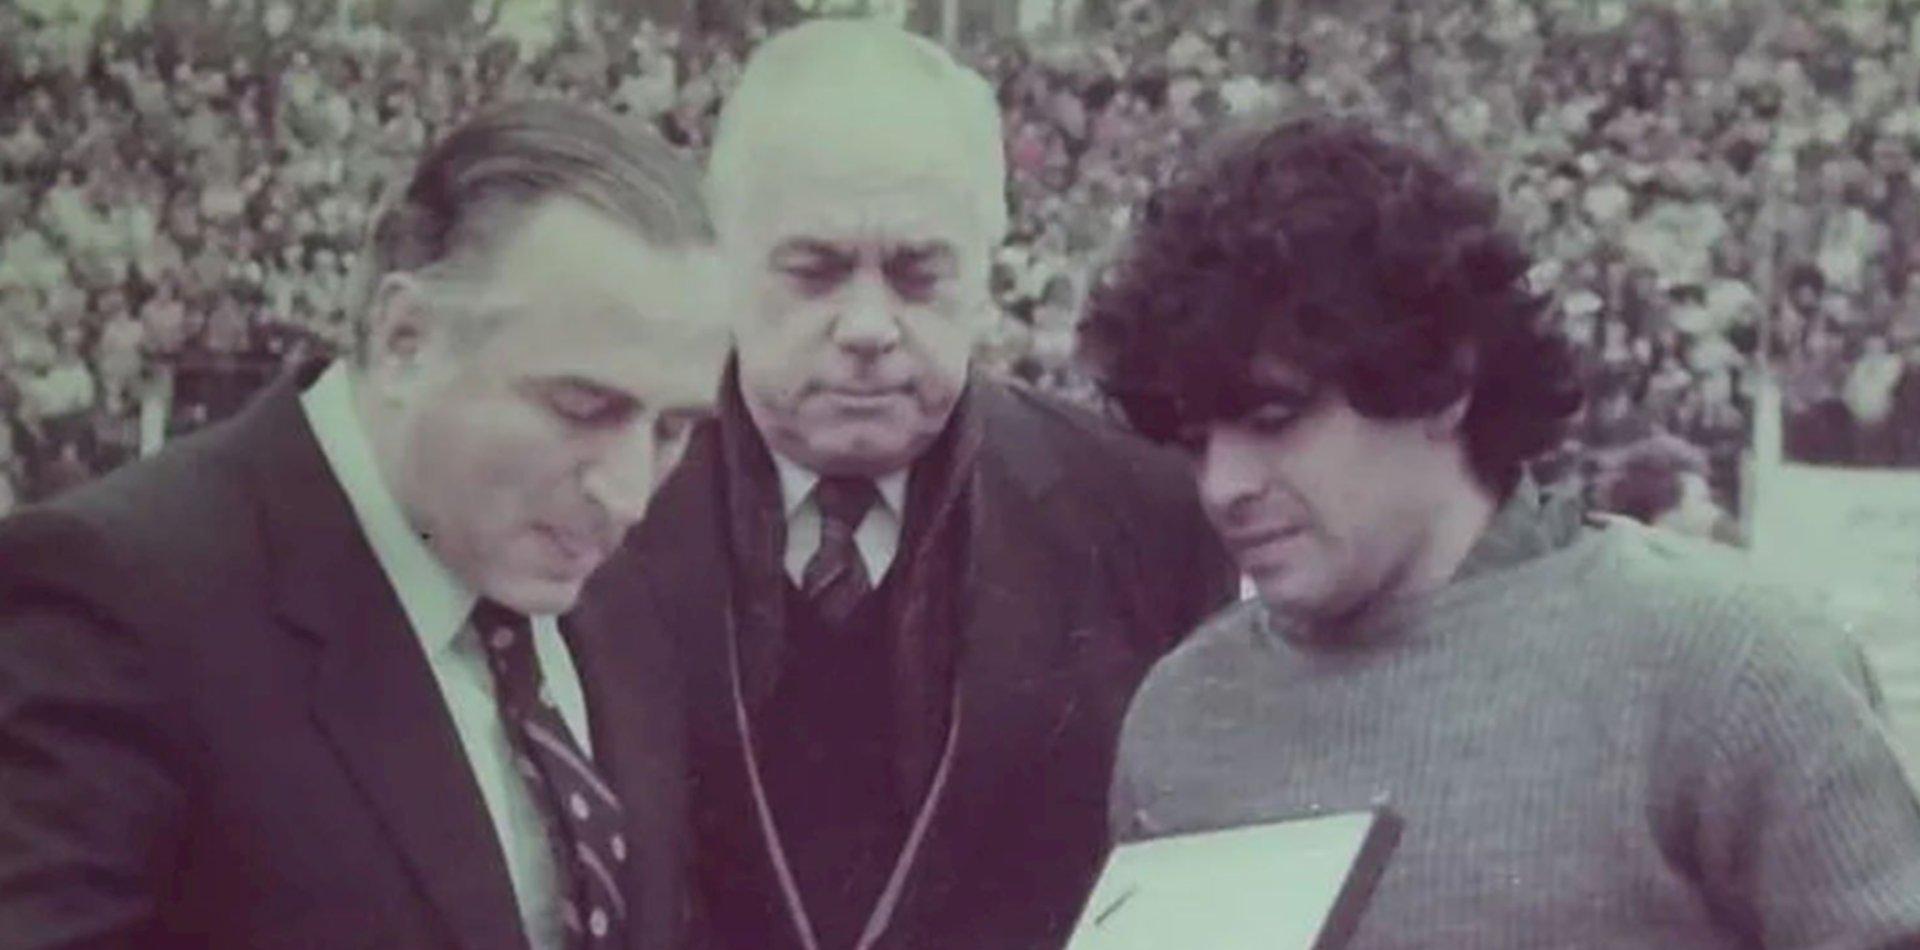 Falleció el histórico dirigente de Gimnasia que llevó a Maradona al Bosque